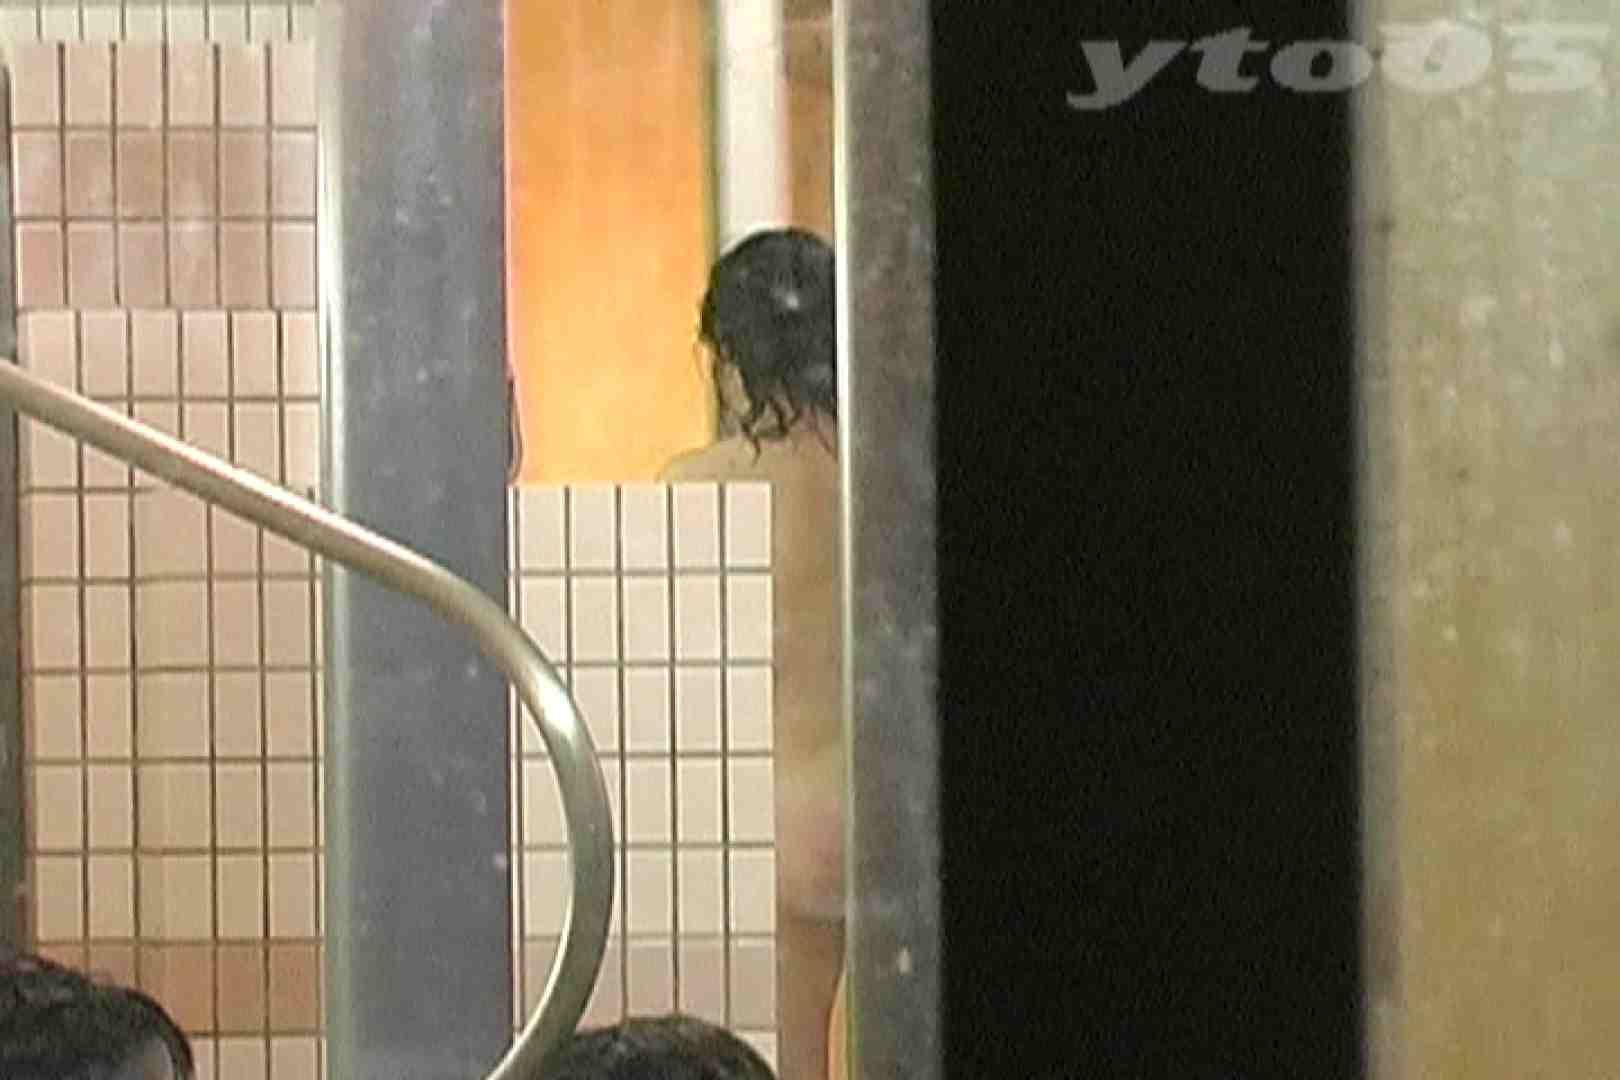 ▲復活限定▲合宿ホテル女風呂盗撮 Vol.29 合宿中の女子 ヌード画像 91PIX 53